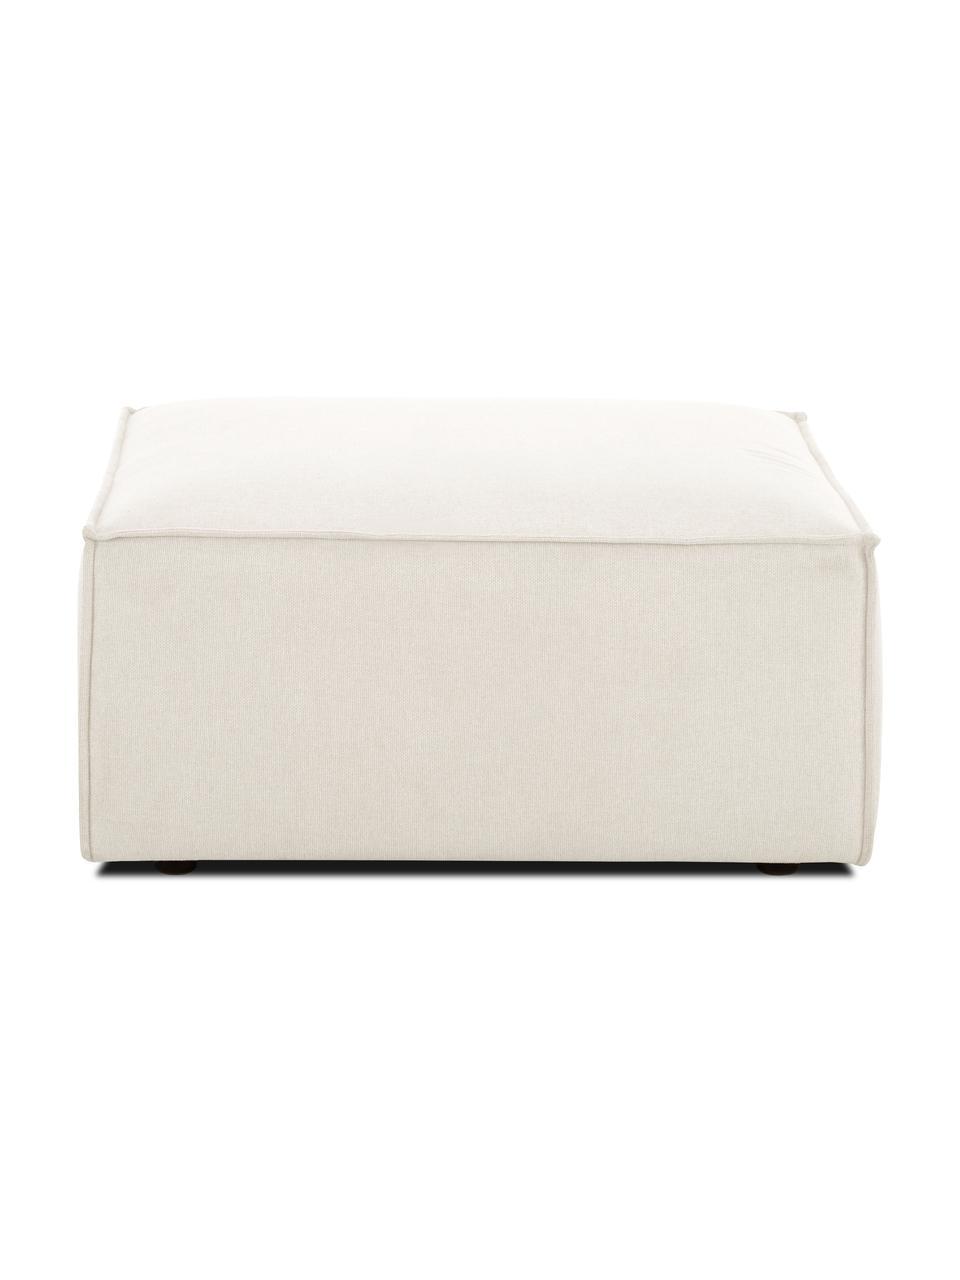 Poggiapiedi da divano in tessuto beige Lennon, Rivestimento: 100% poliestere Il rivest, Struttura: legno di pino massiccio, , Piedini: materiale sintetico I pie, Tessuto beige, Larg. 88 x Alt. 43 cm